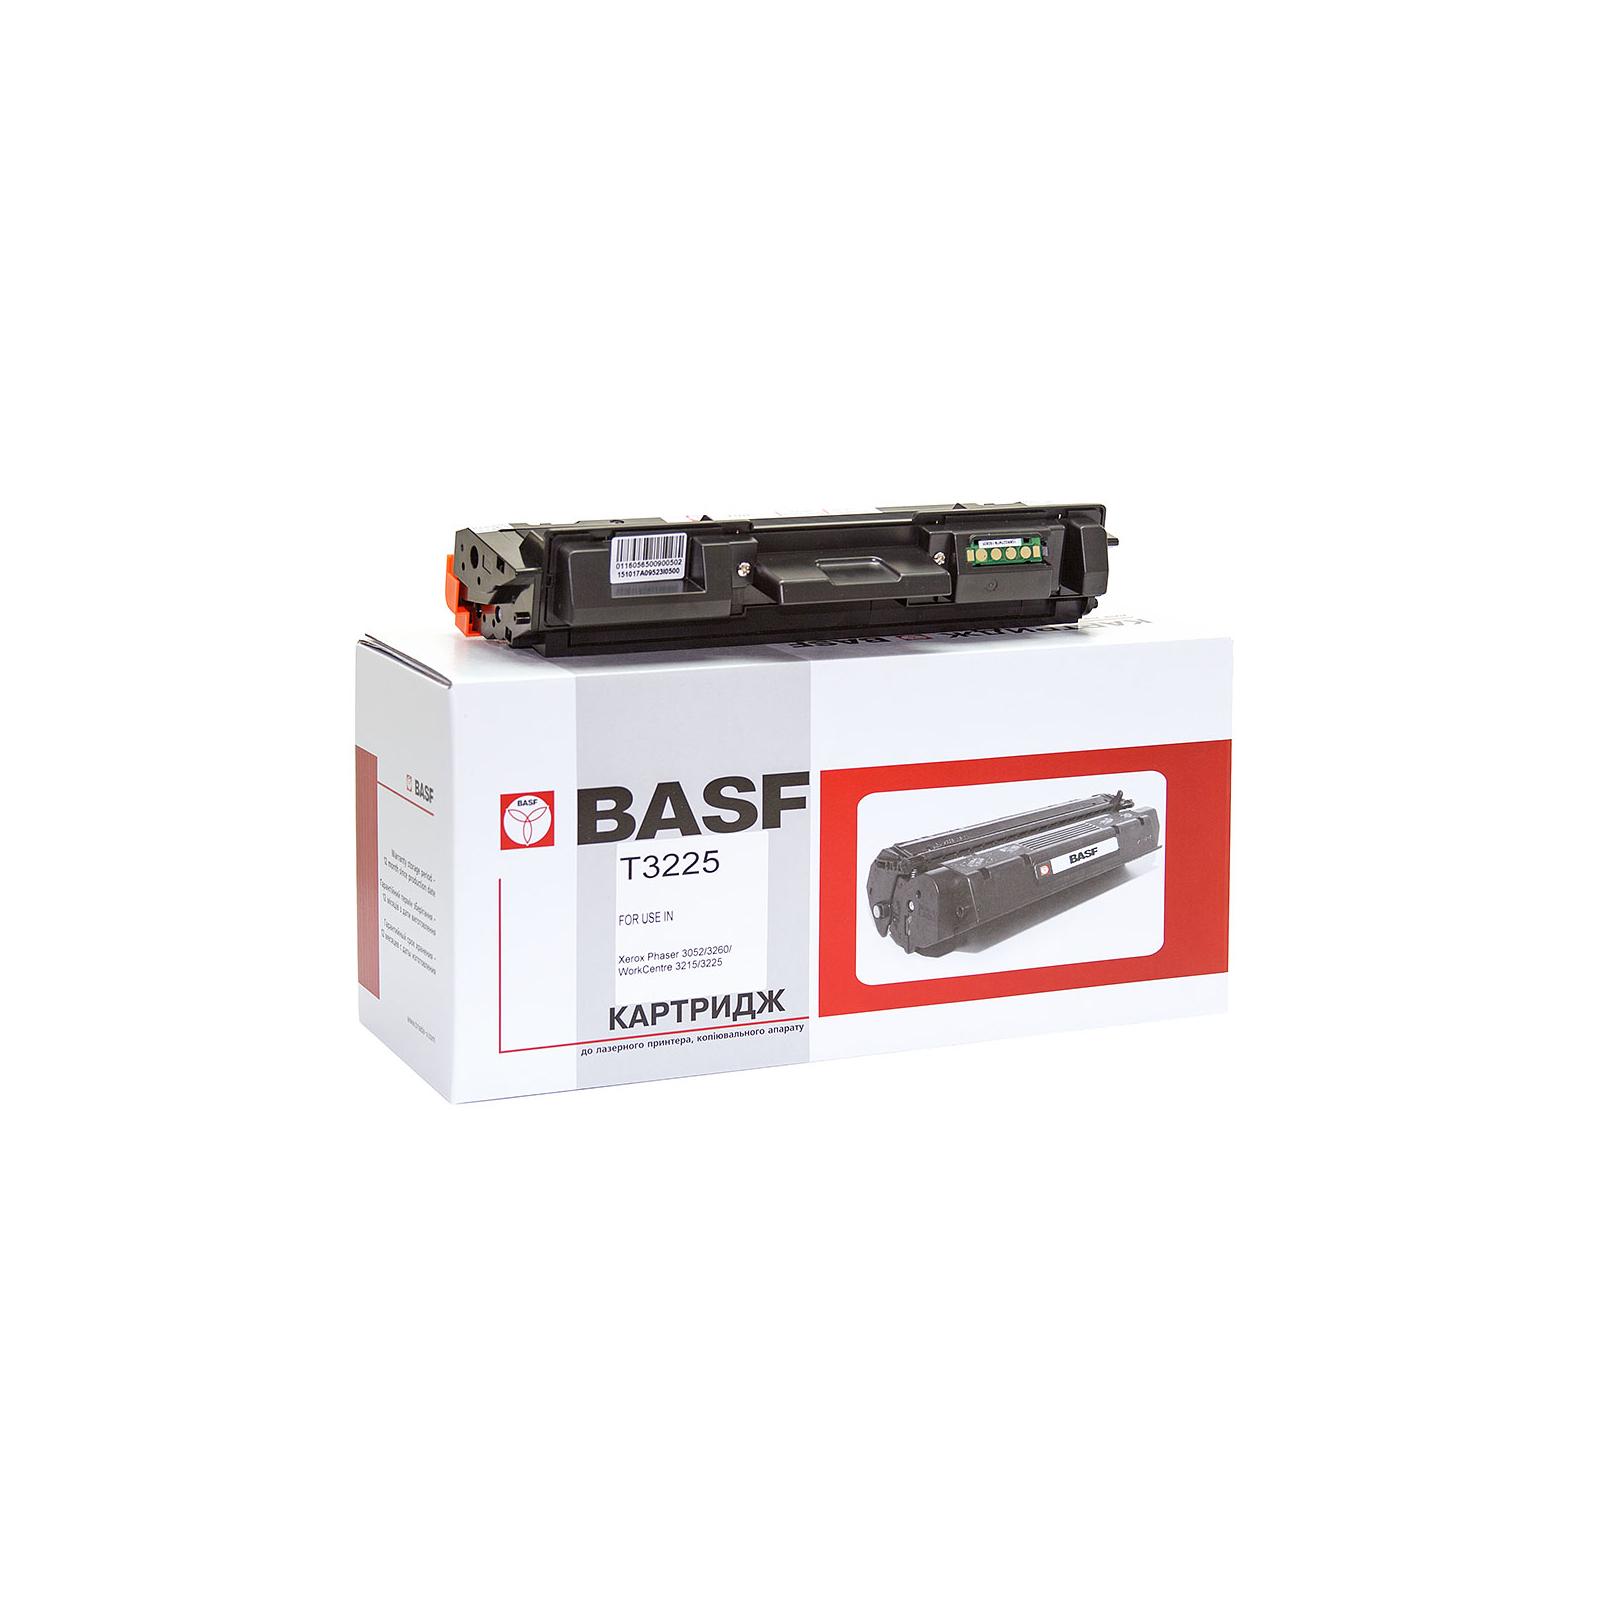 картридж Basf для Xerox Phaser P3052 3260 Wc3215 3225 Kt 3052 106r02778